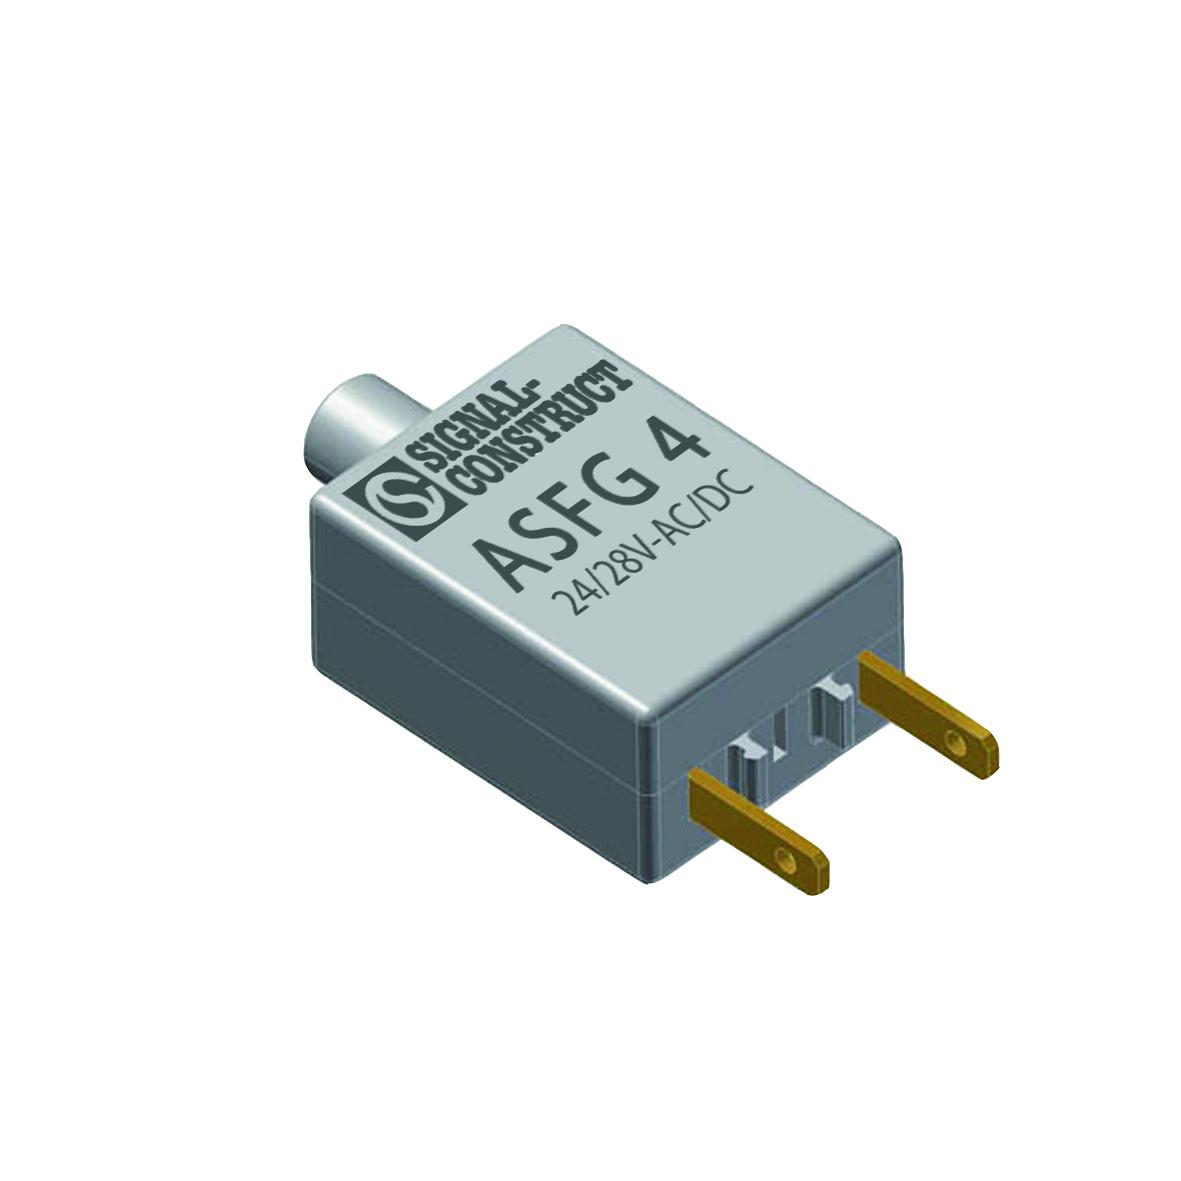 AS-Adapter für Leuchtelement Flachstecker-Anschluss Schwellspannung 15V